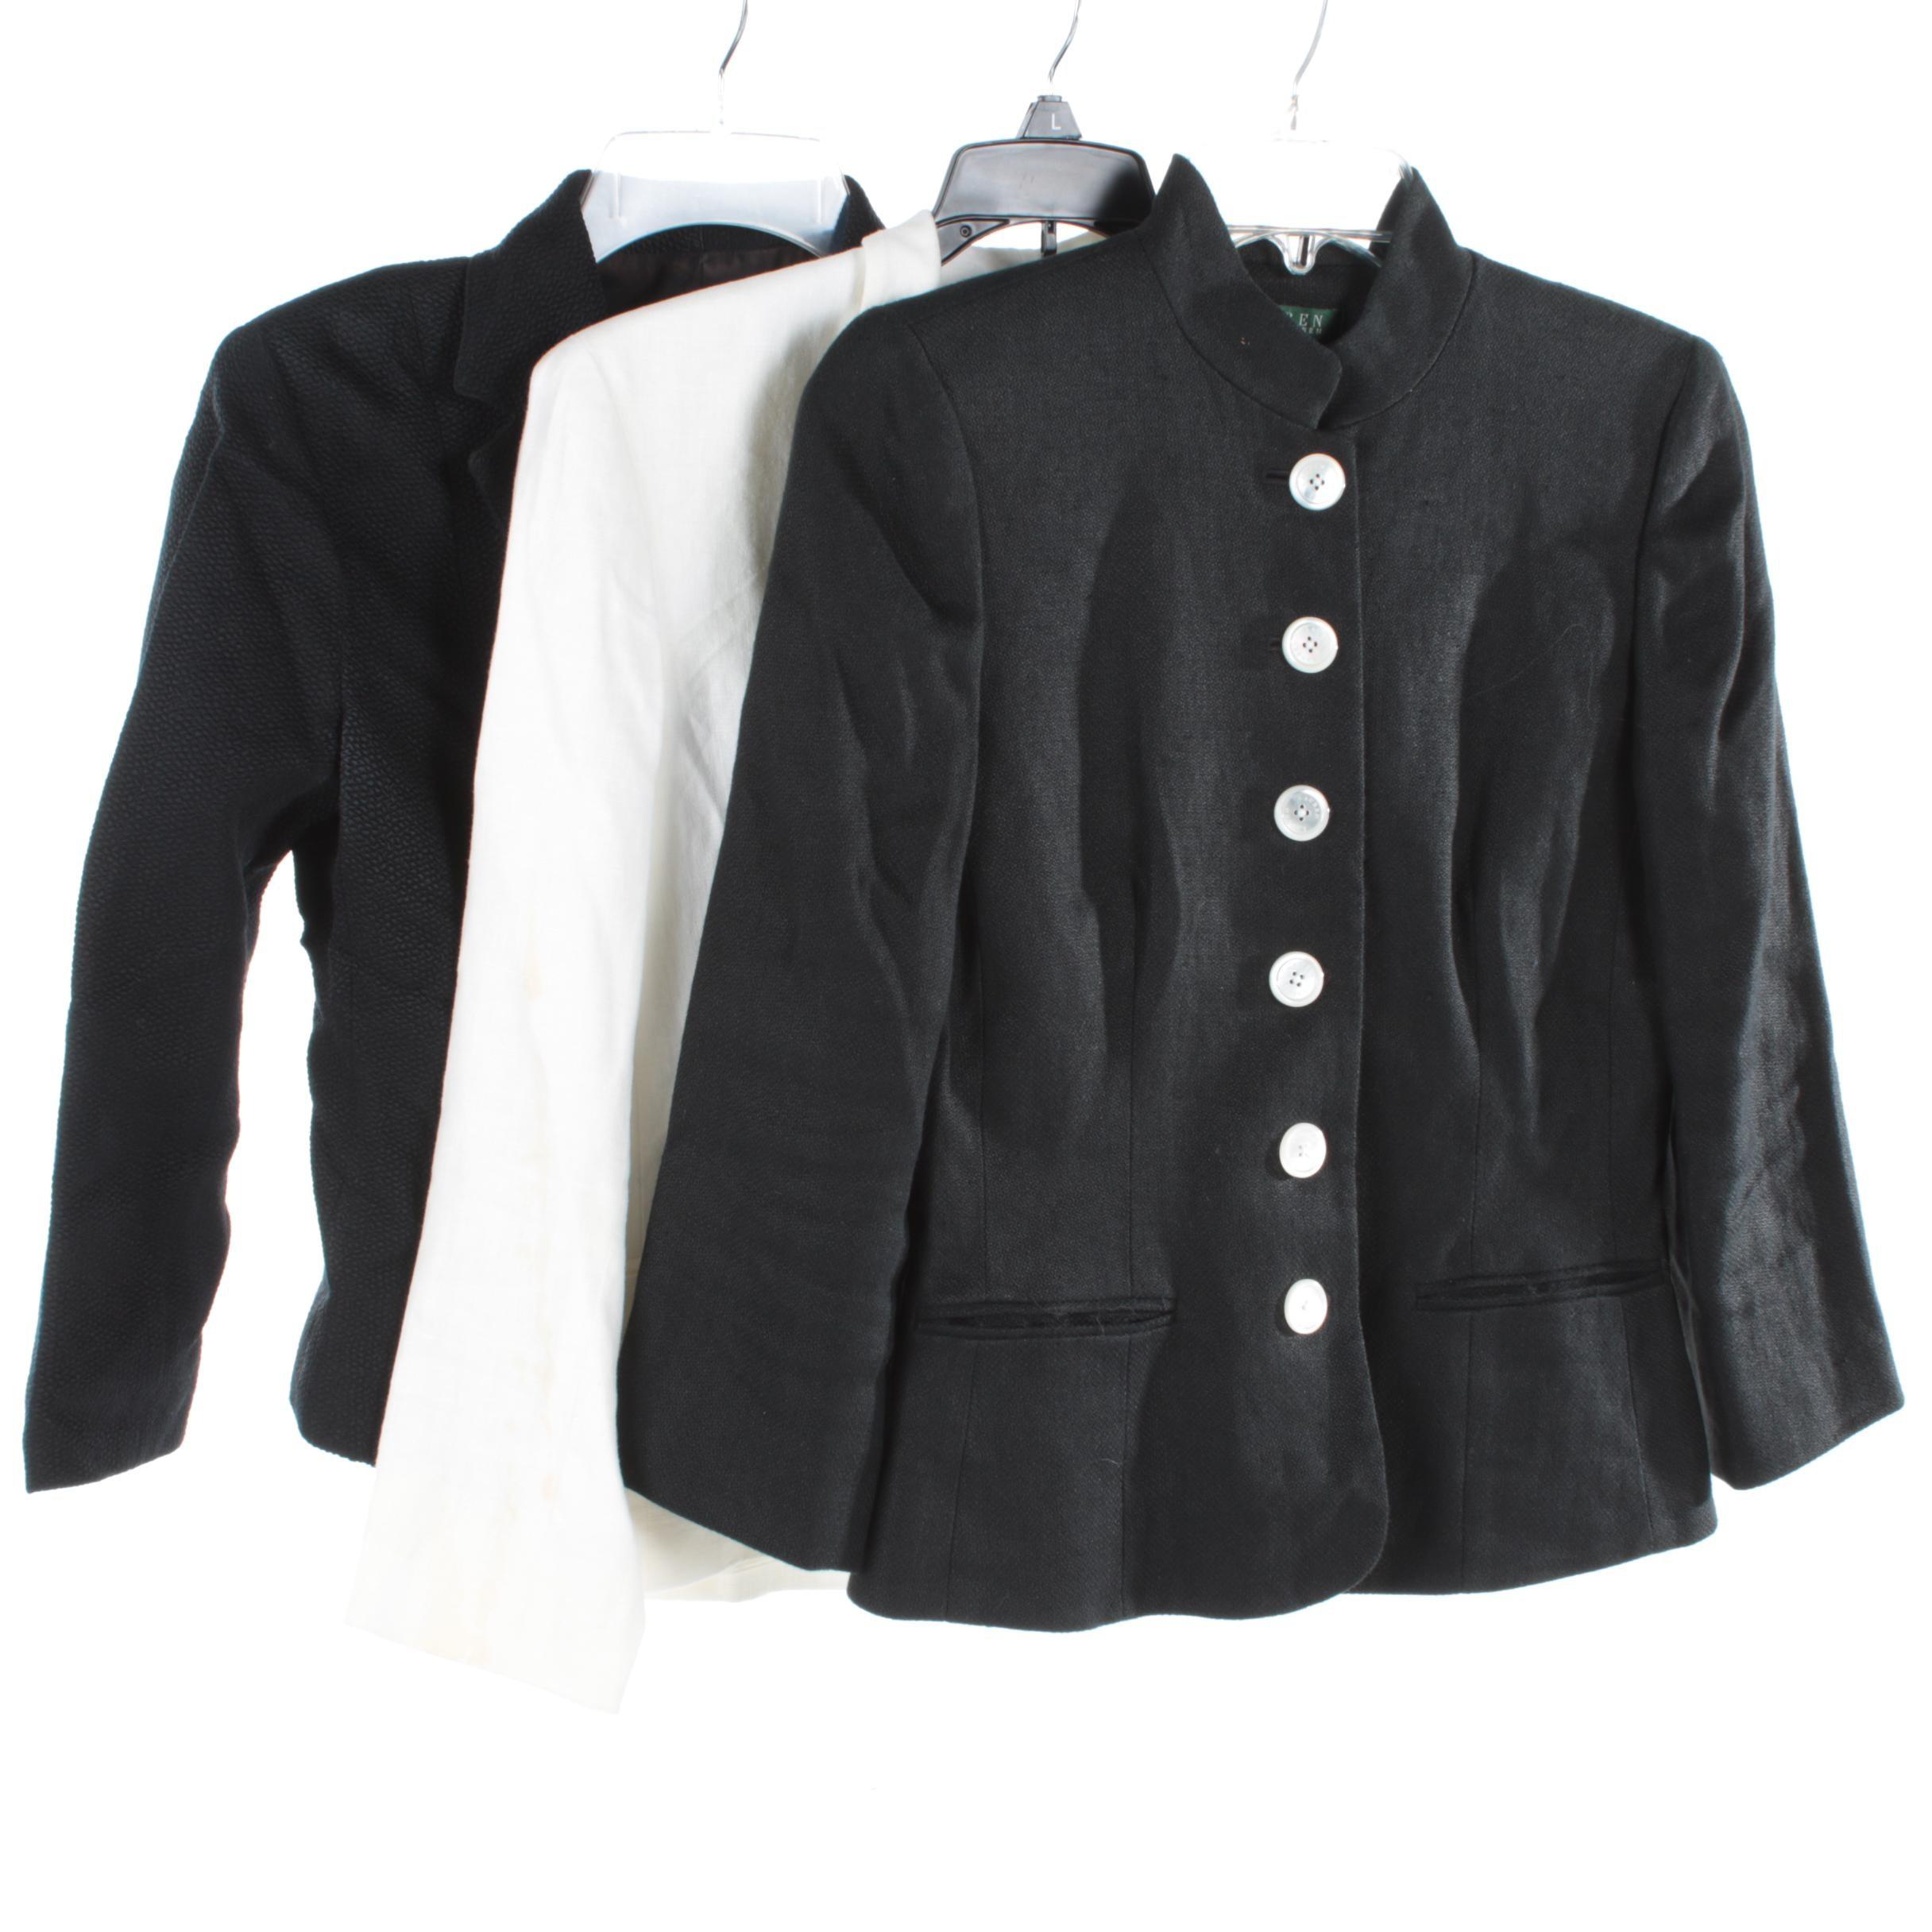 Women's Suit Jackets Including Lauren Ralph Lauren Petite